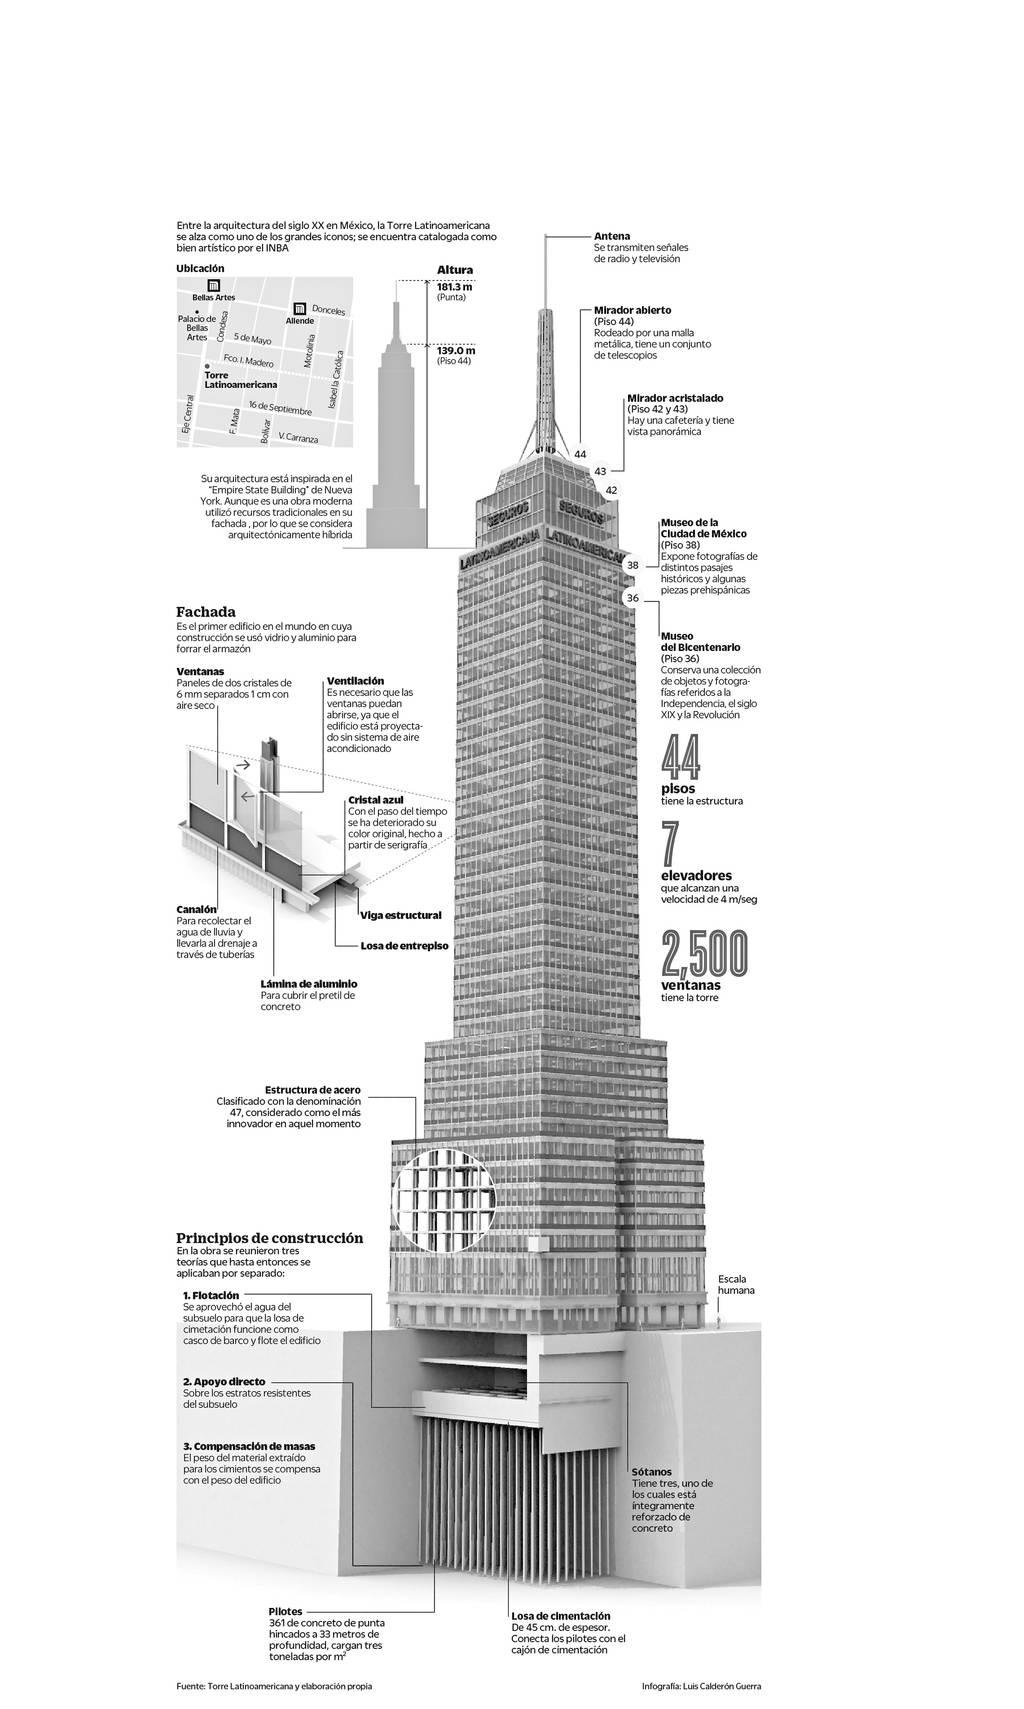 Infografía de la Torre Latinoamericana